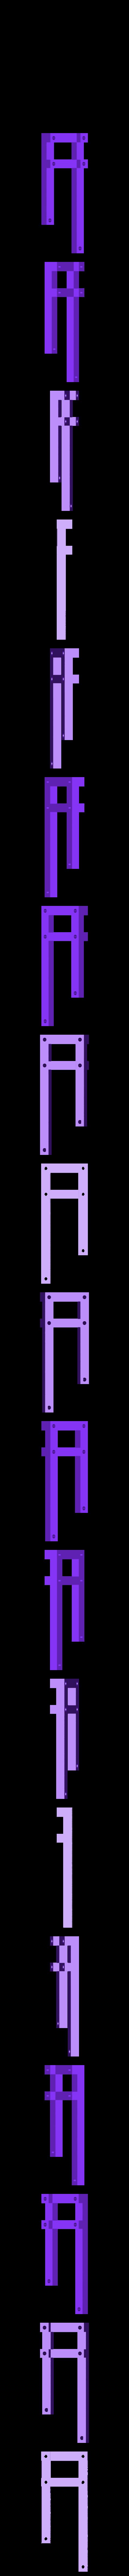 plastruder_MK5_board_frame.stl Download free STL file Electronics frame for plastruder MK5 • Model to 3D print, enzordplst